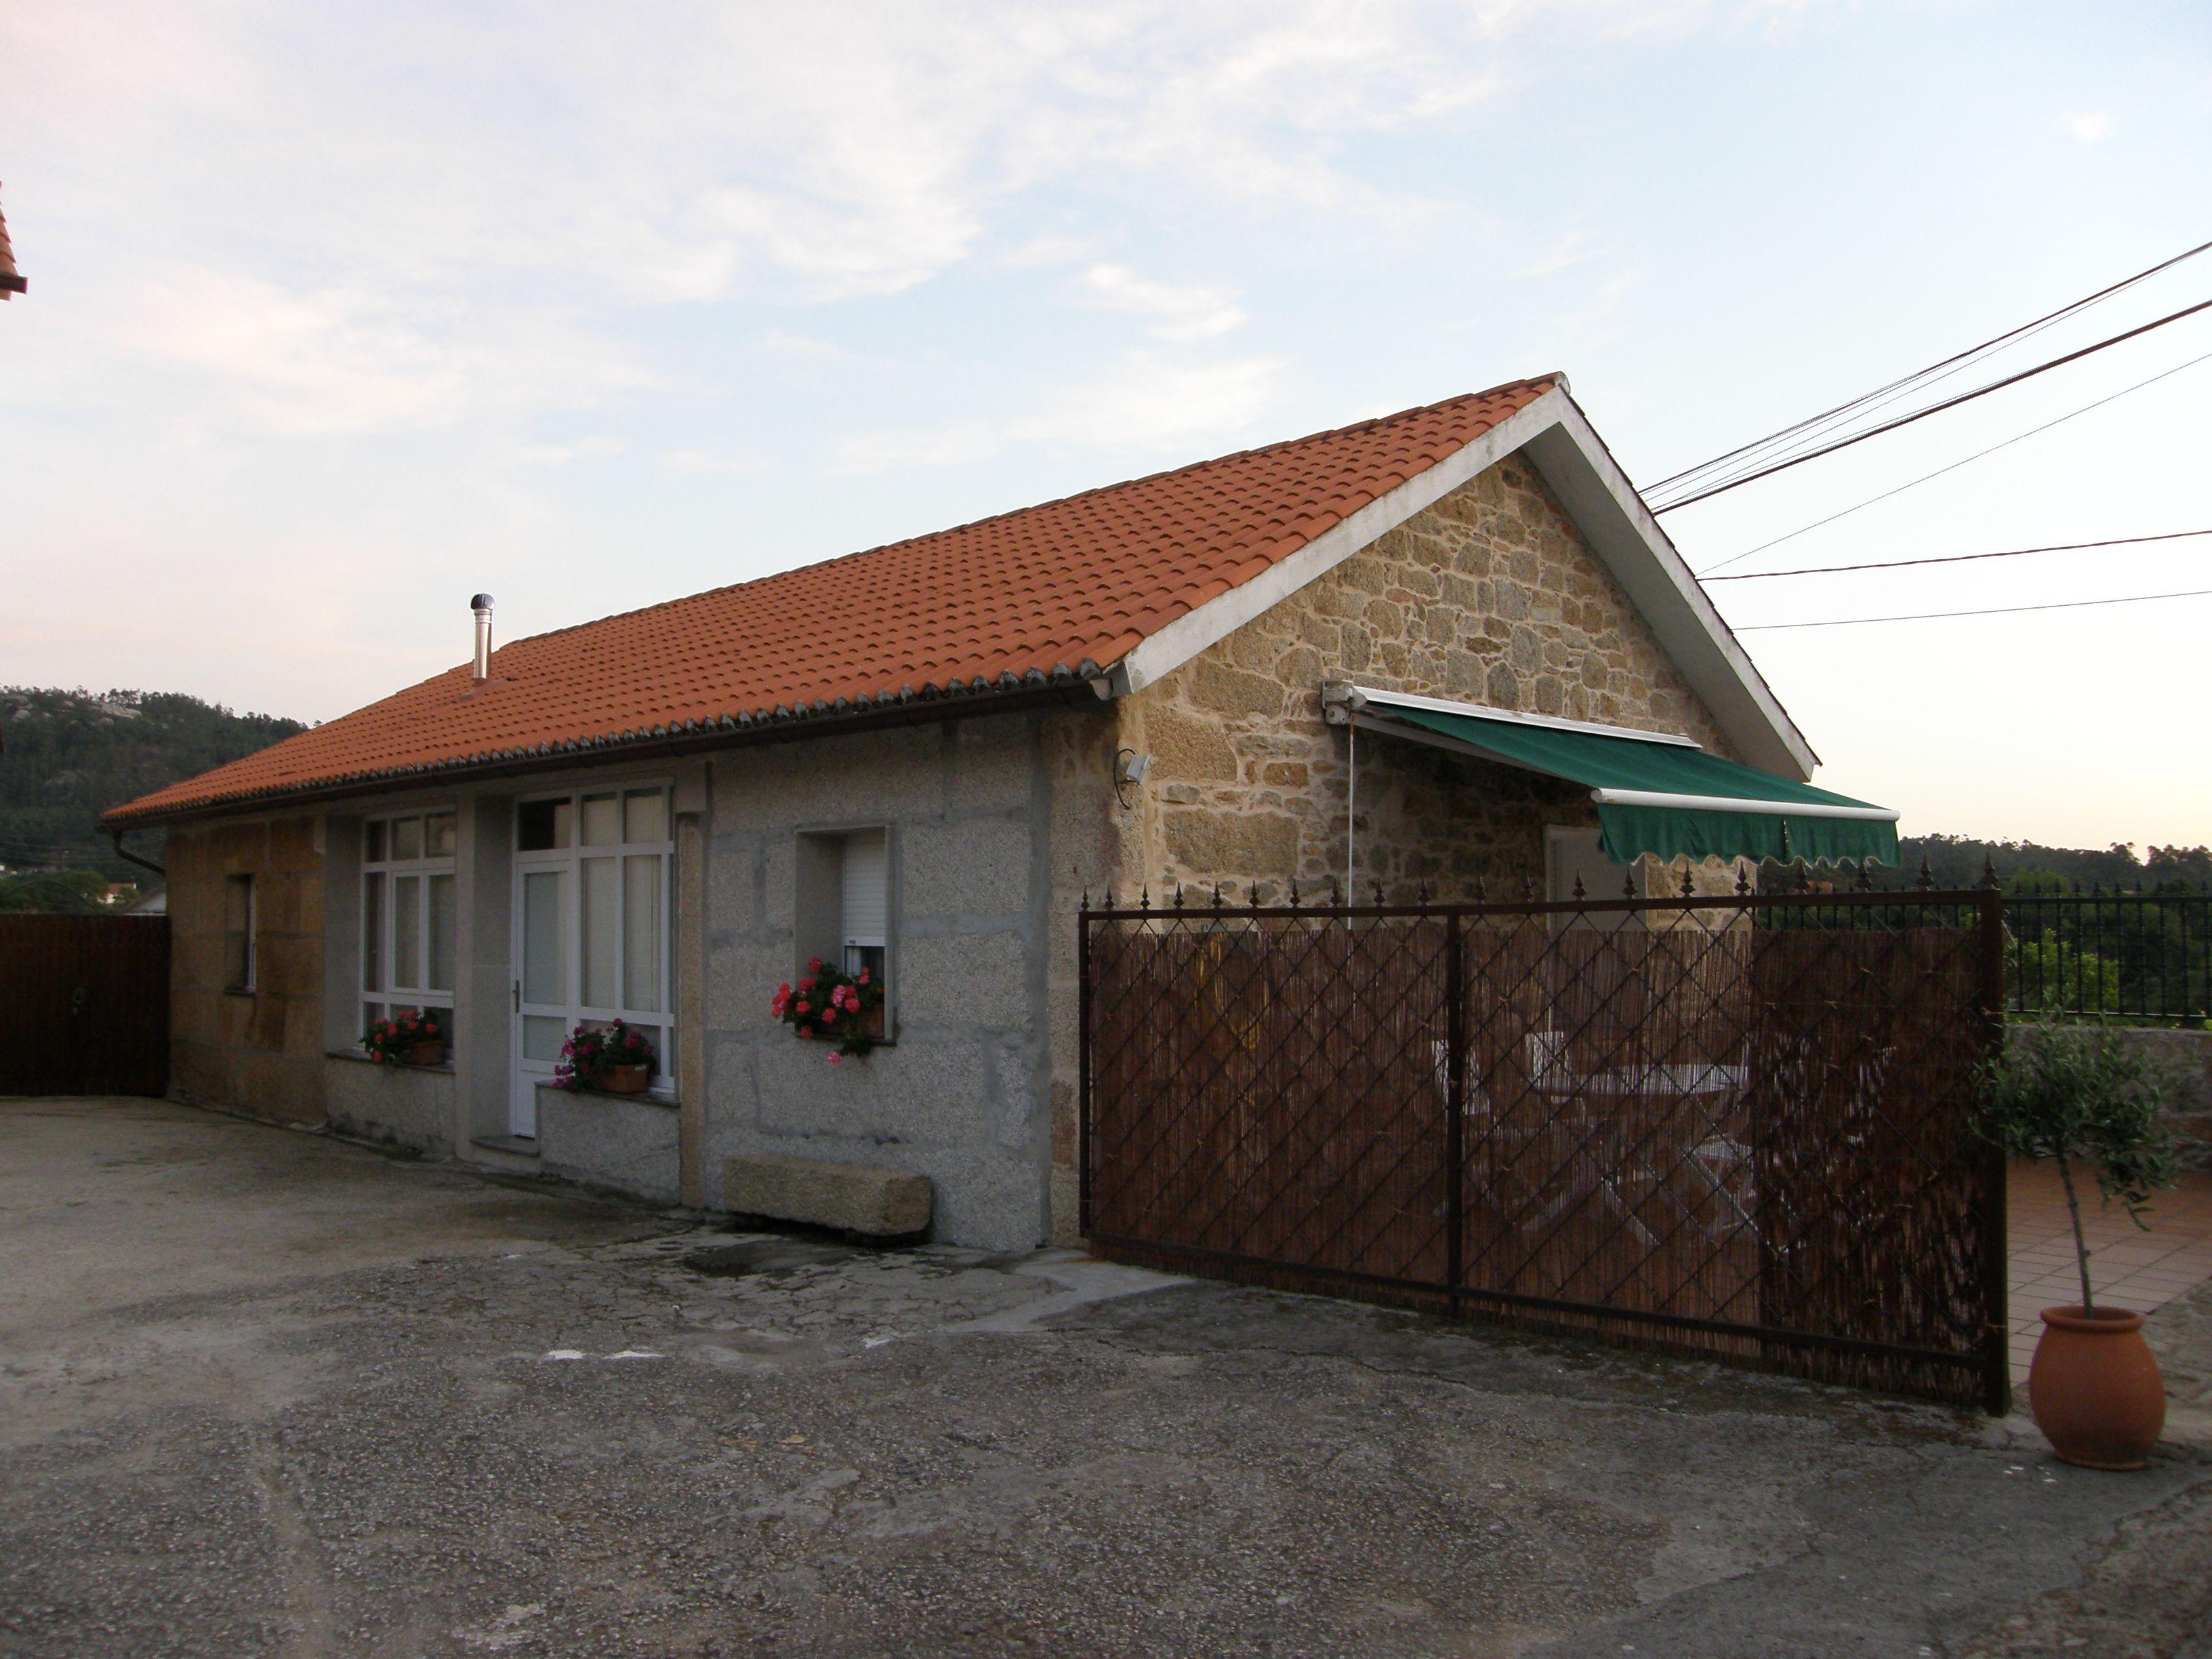 Casa rural en galicia turismo rural en galicia cottages in galicia - Casas turismo rural galicia ...